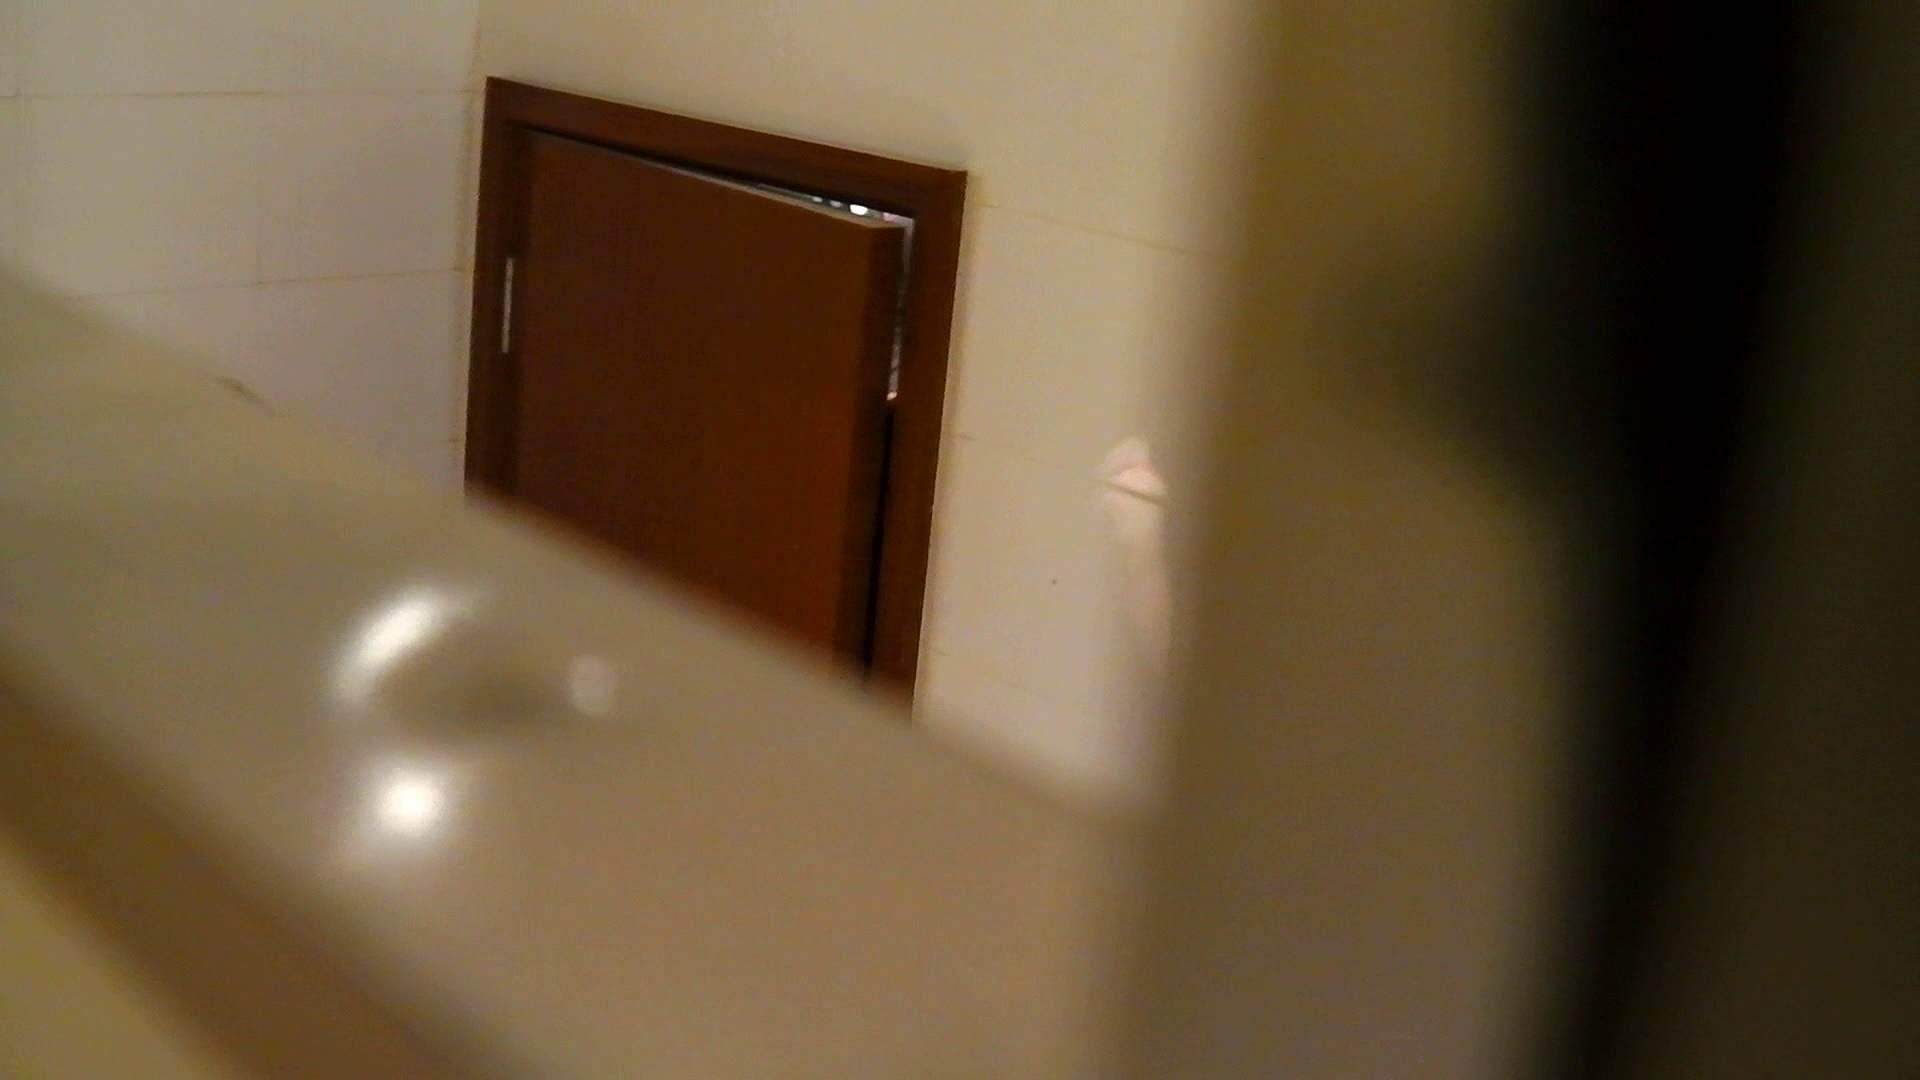 洗寿観音さんの 化粧室は四面楚歌Nol.4 洗面所 | エッチすぎるOL達  55連発 19